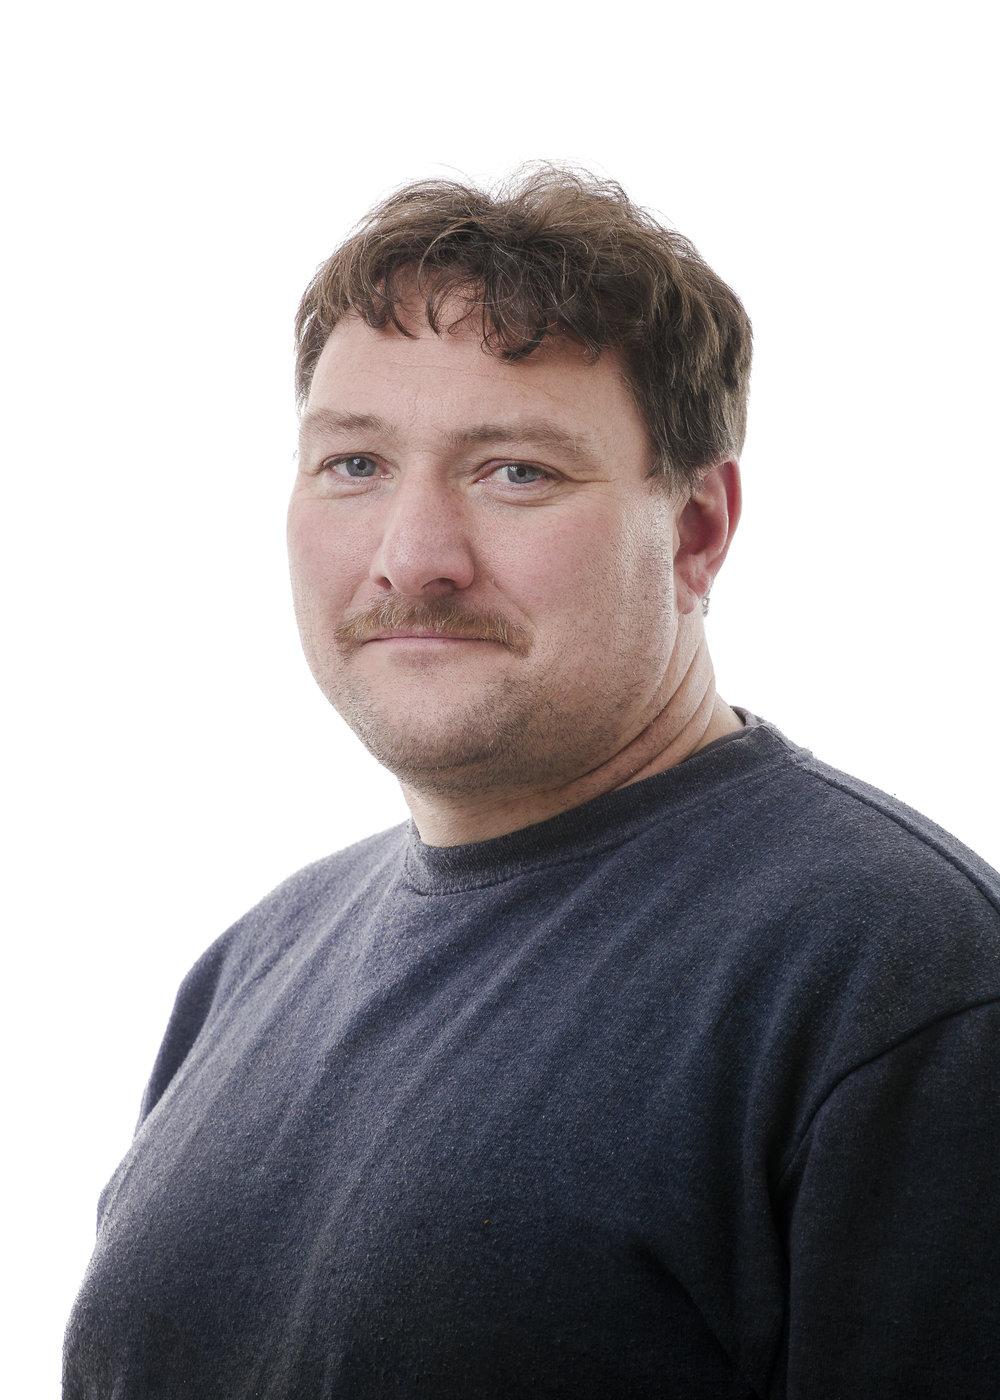 Markus Eisenreich, Mechanic